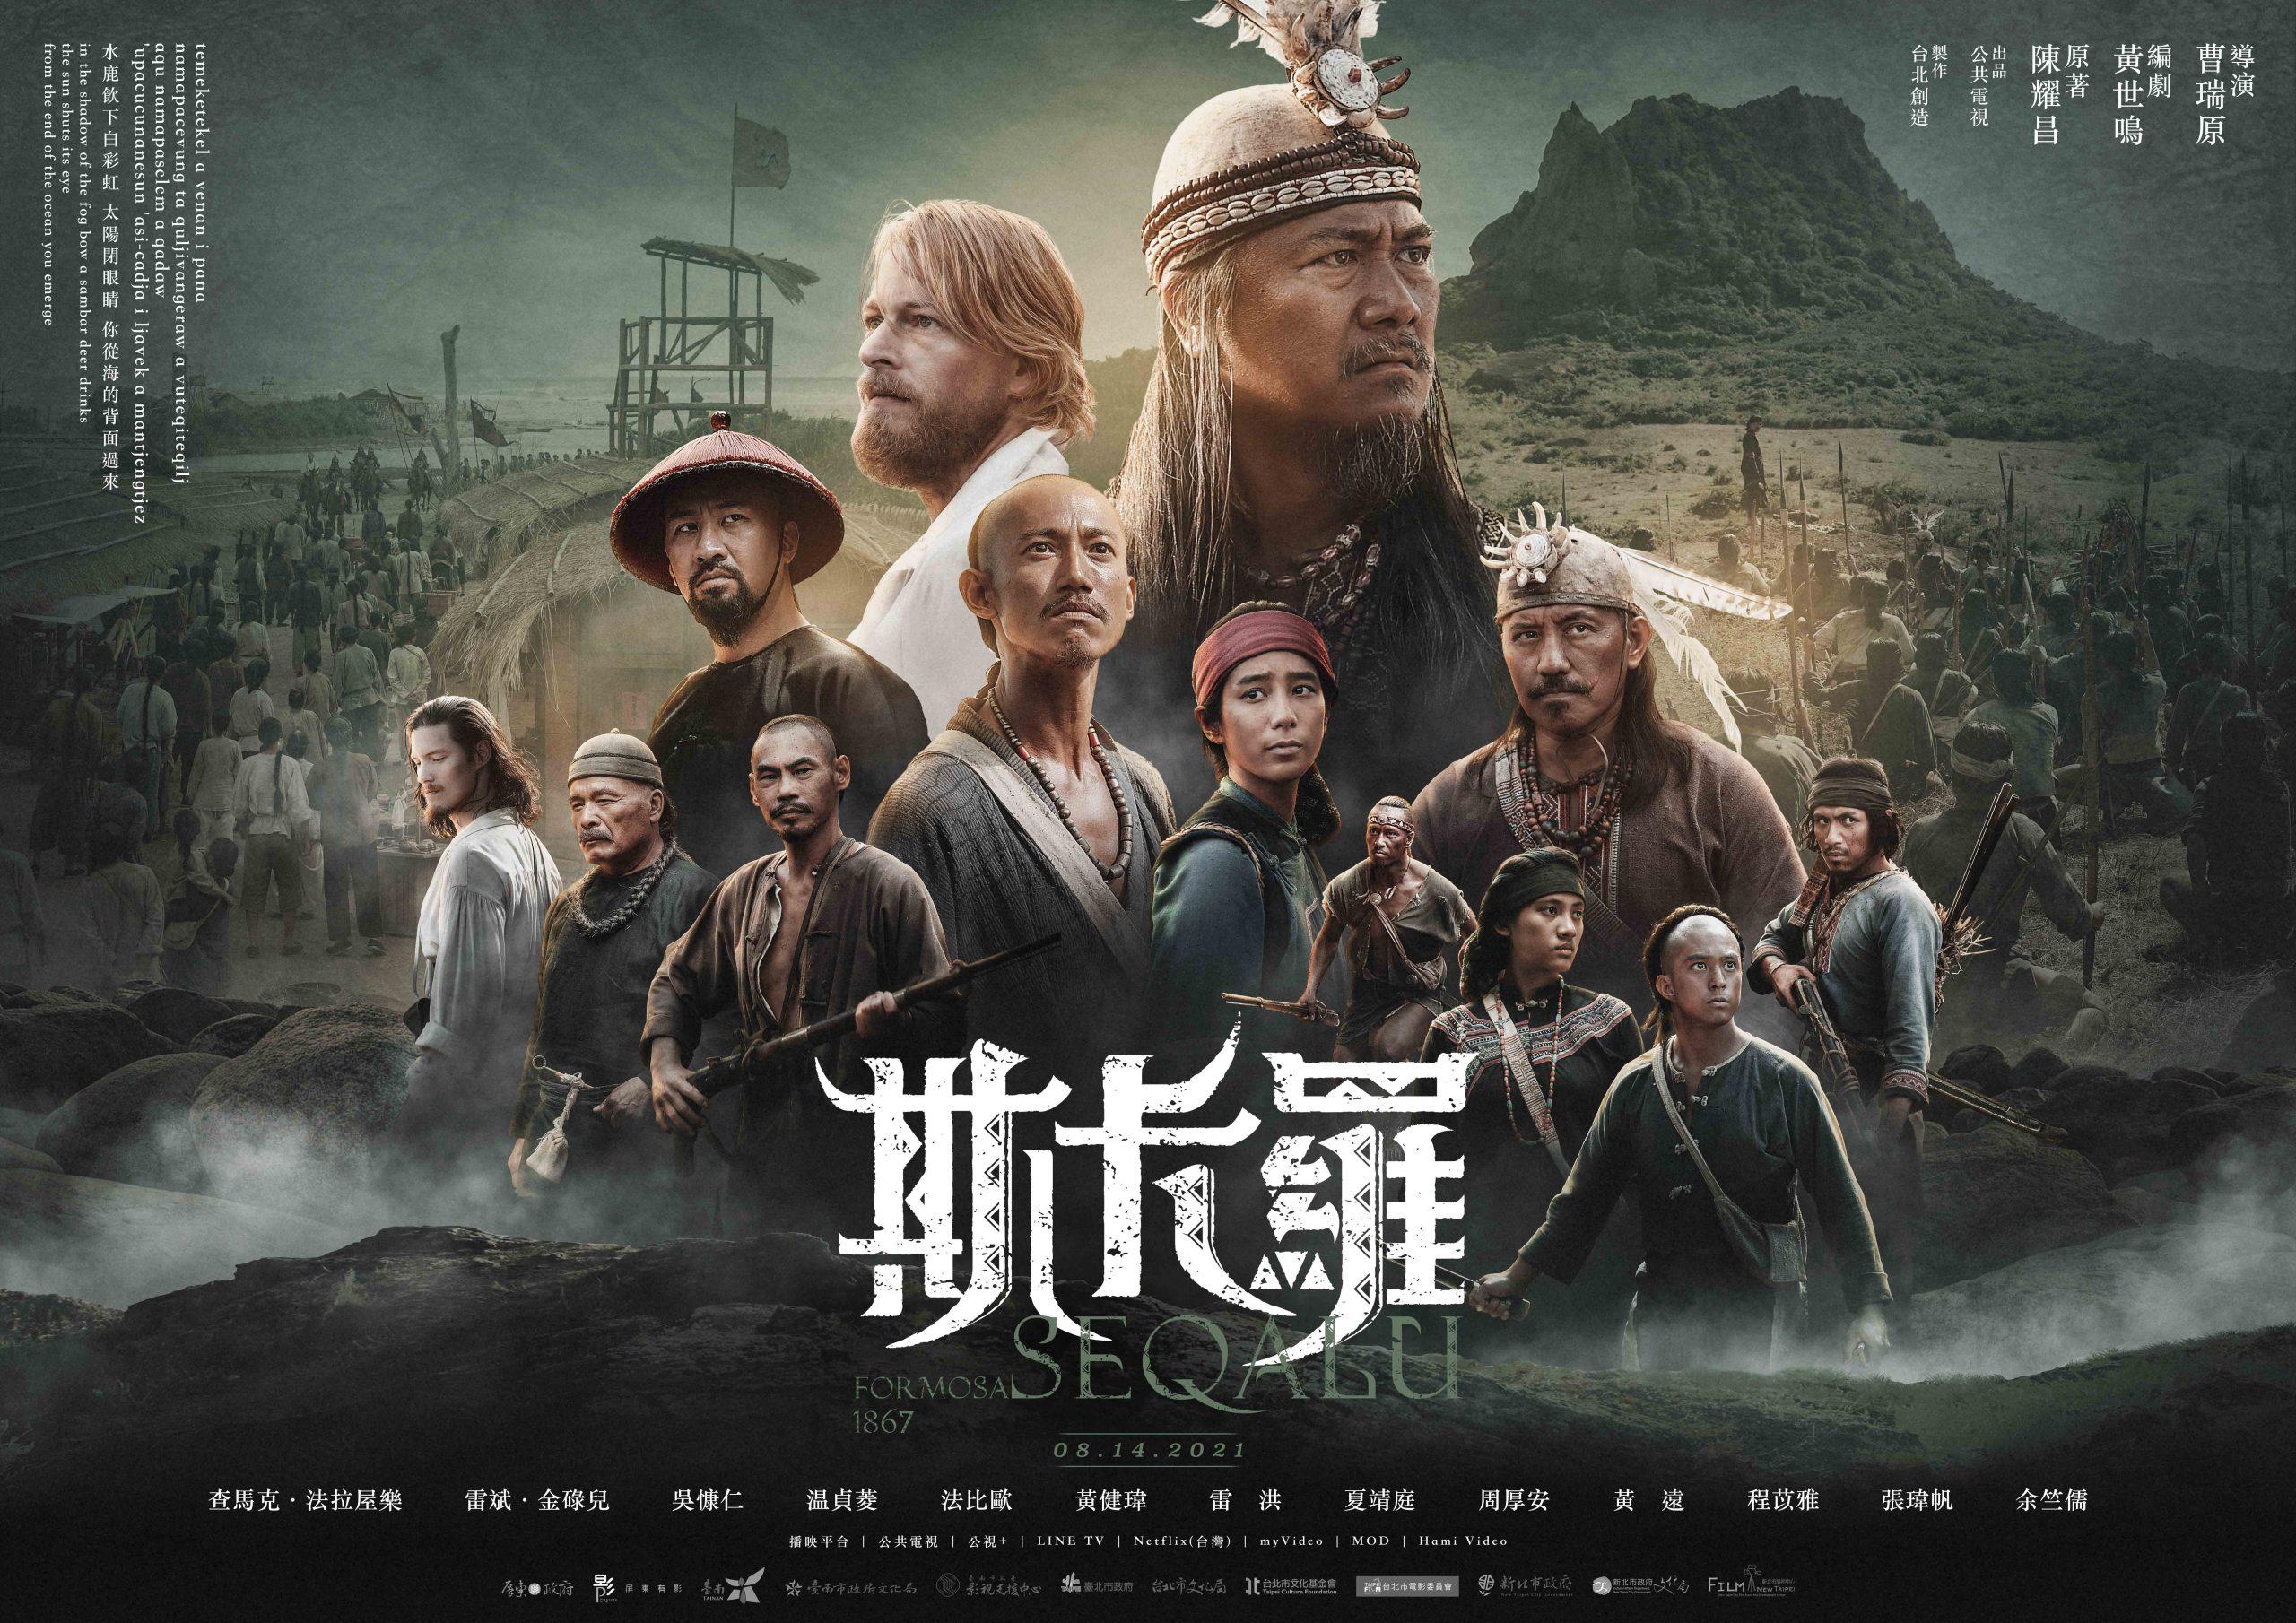 開創型史詩劇《斯卡羅》台灣歷史的顯影戲,超過六種語言台詞句句珠璣 台劇劇評